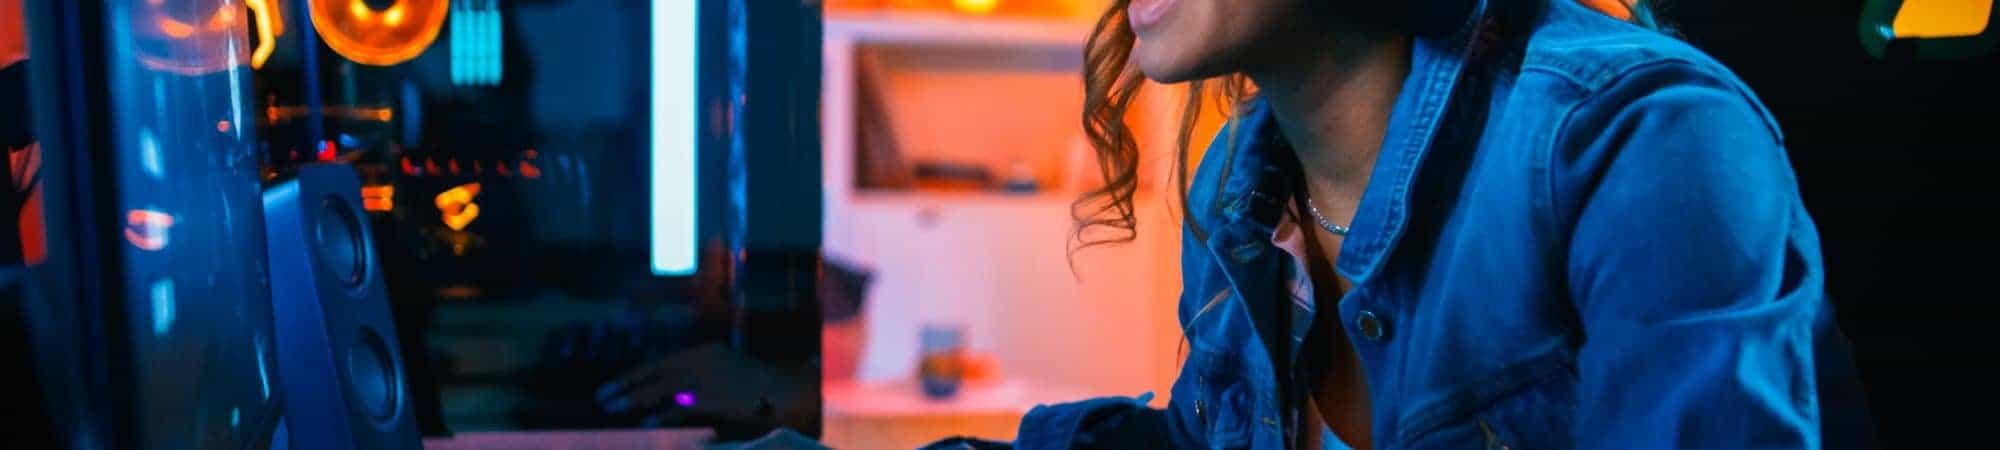 Gamers brasileiros jogam mais durante pandemia. Imagem: Gorodenkoff/shutterstock.com